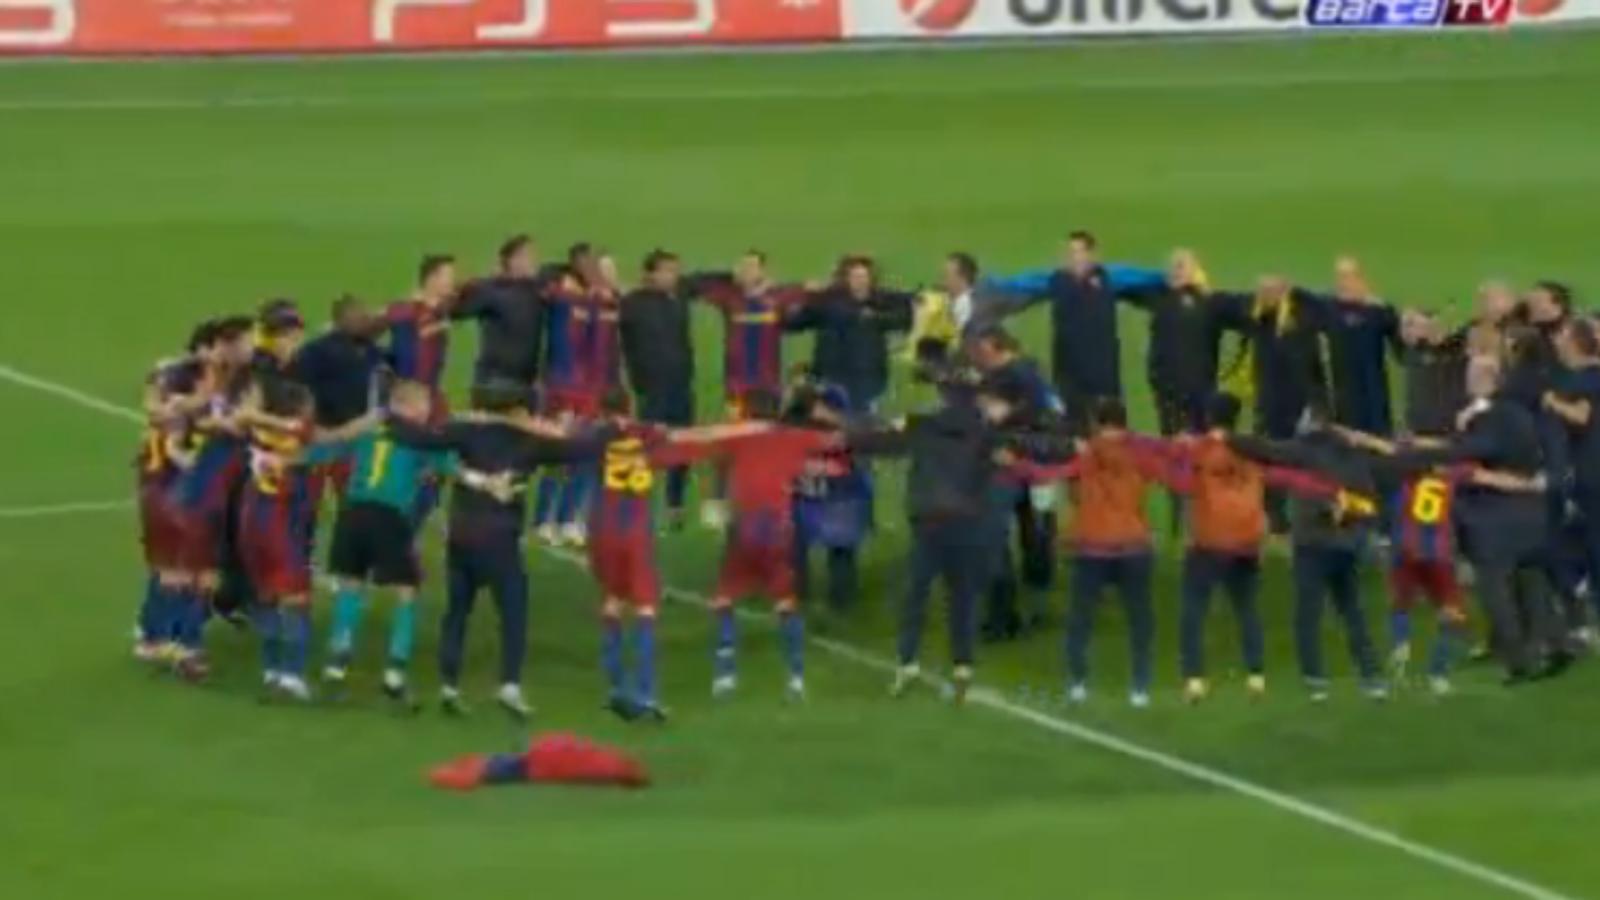 Celebració del Barça sobre la gespa del Camp Nou.